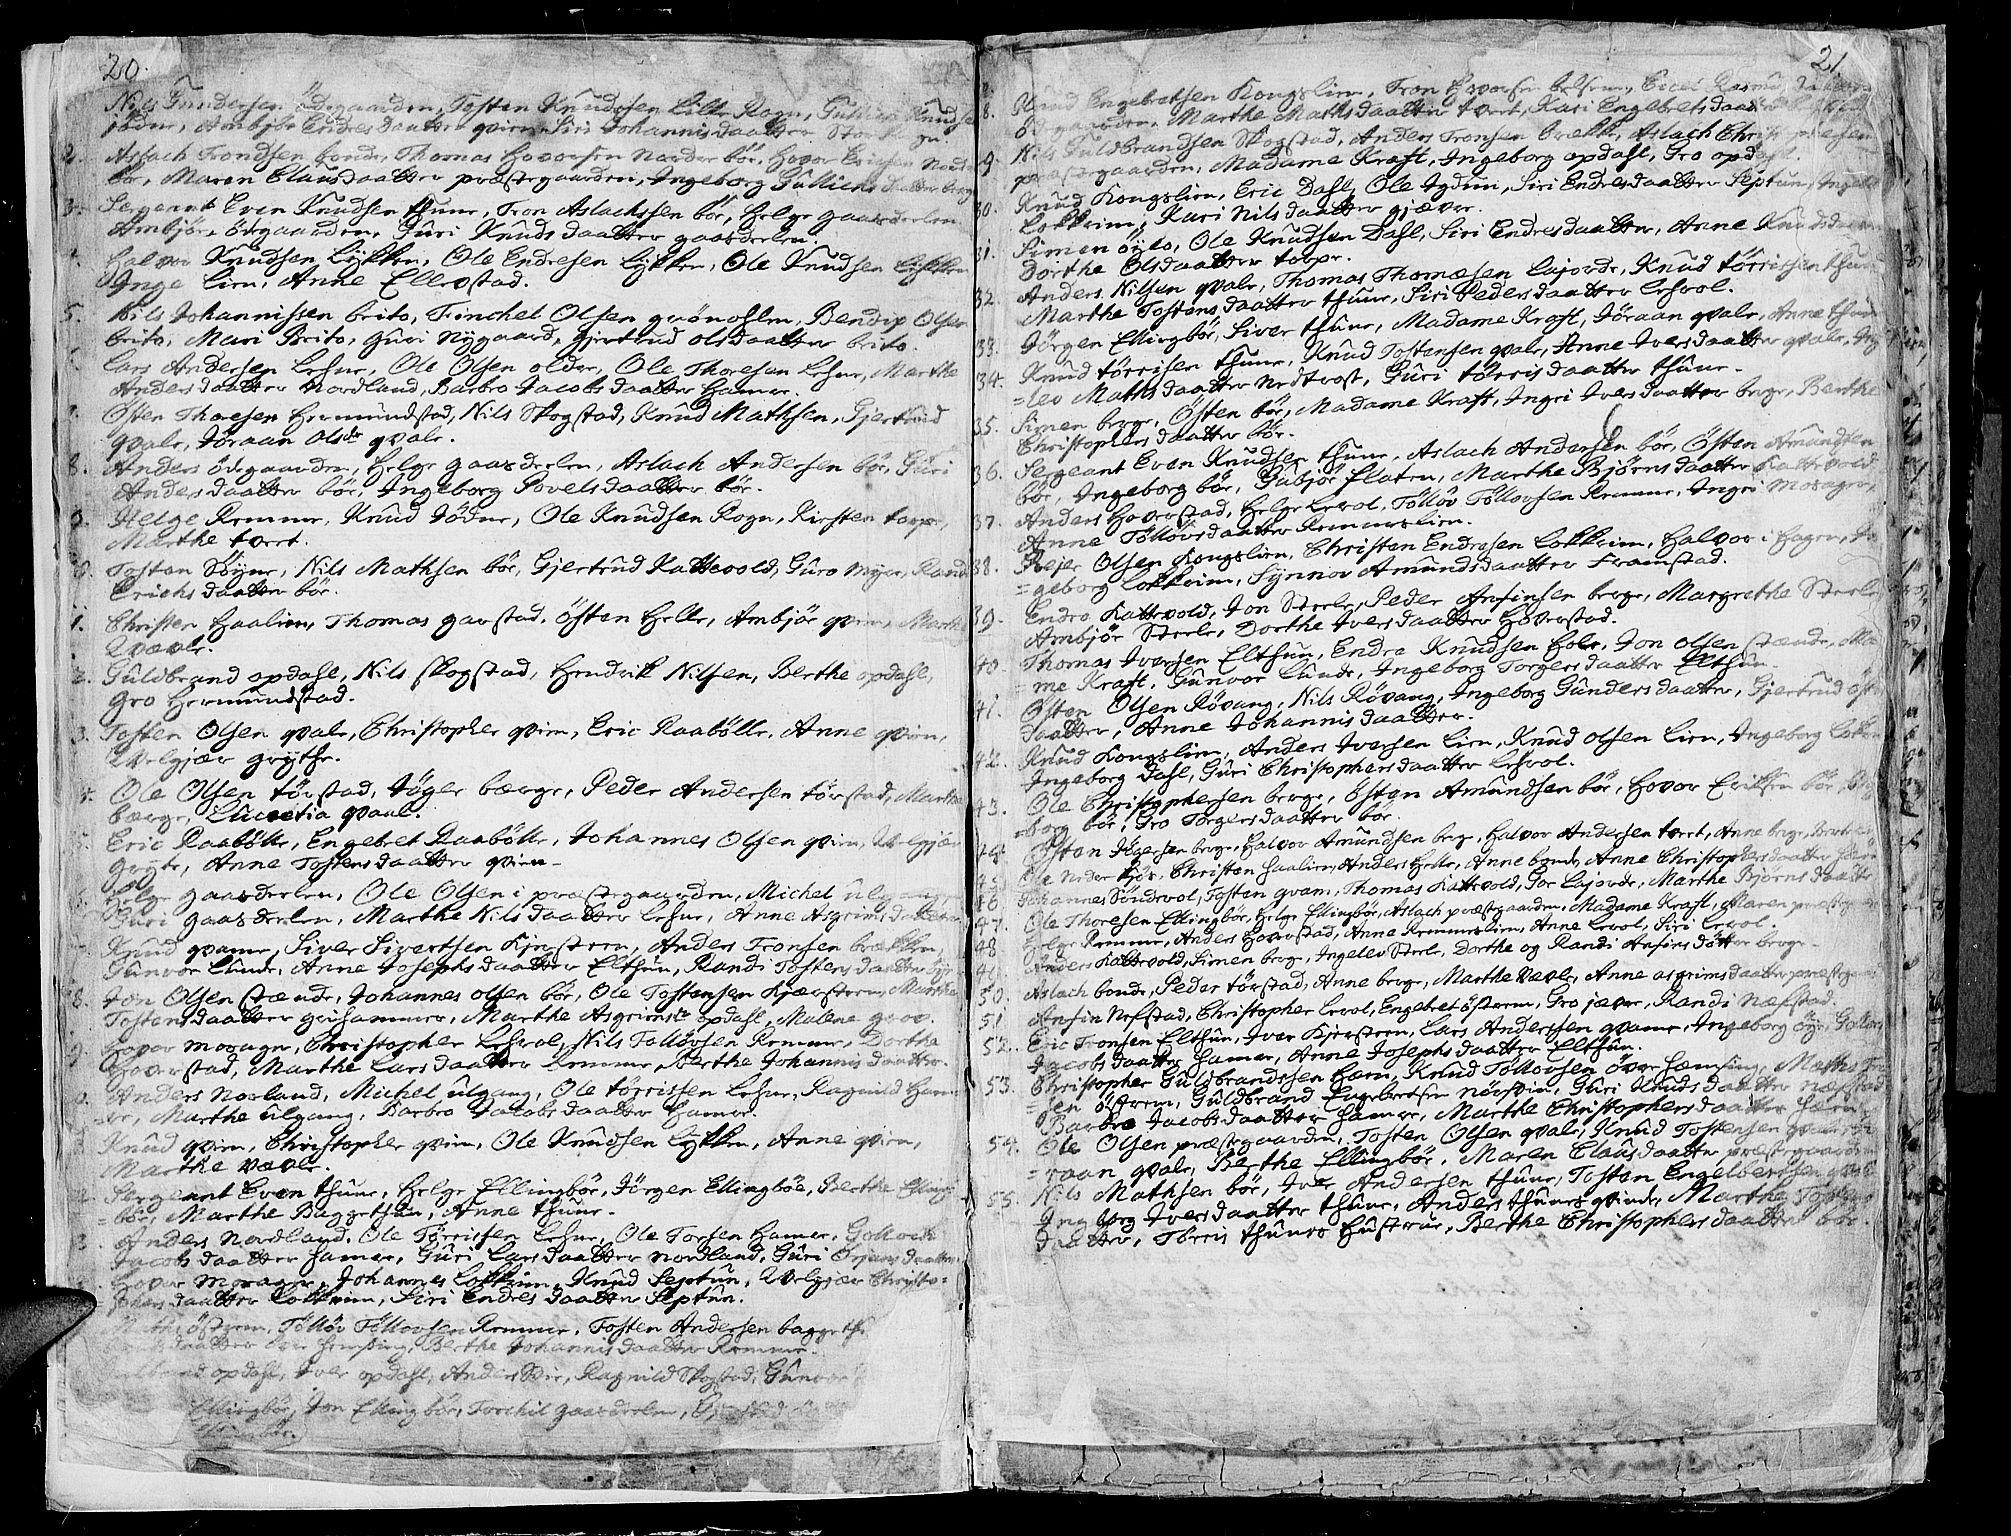 SAH, Vang prestekontor, Valdres, Ministerialbok nr. 1, 1730-1796, s. 20-21